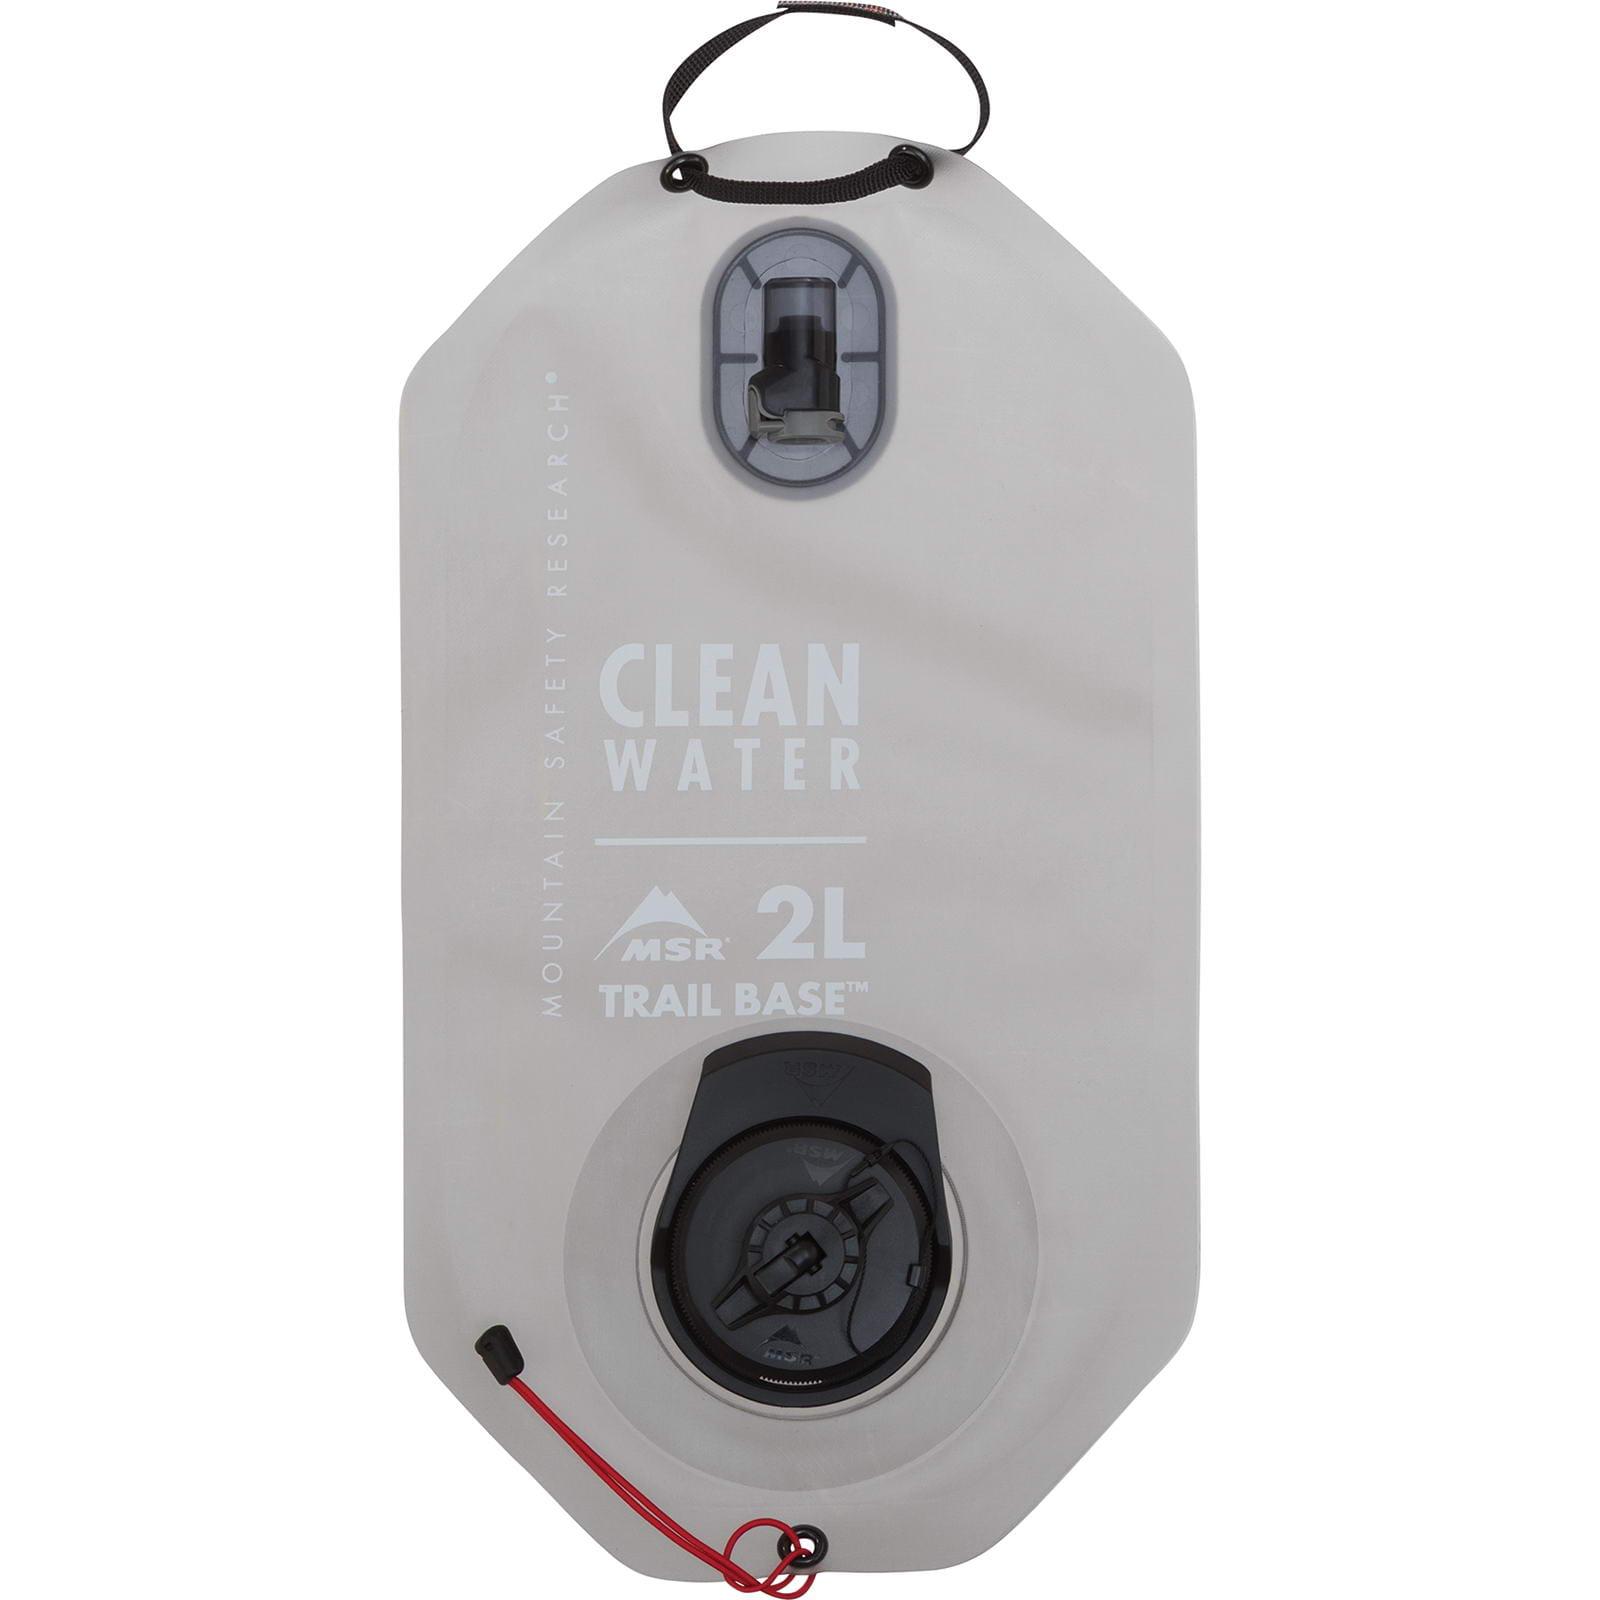 MSR Trail Base™ - Wasserfilter-Kit - Bild 8